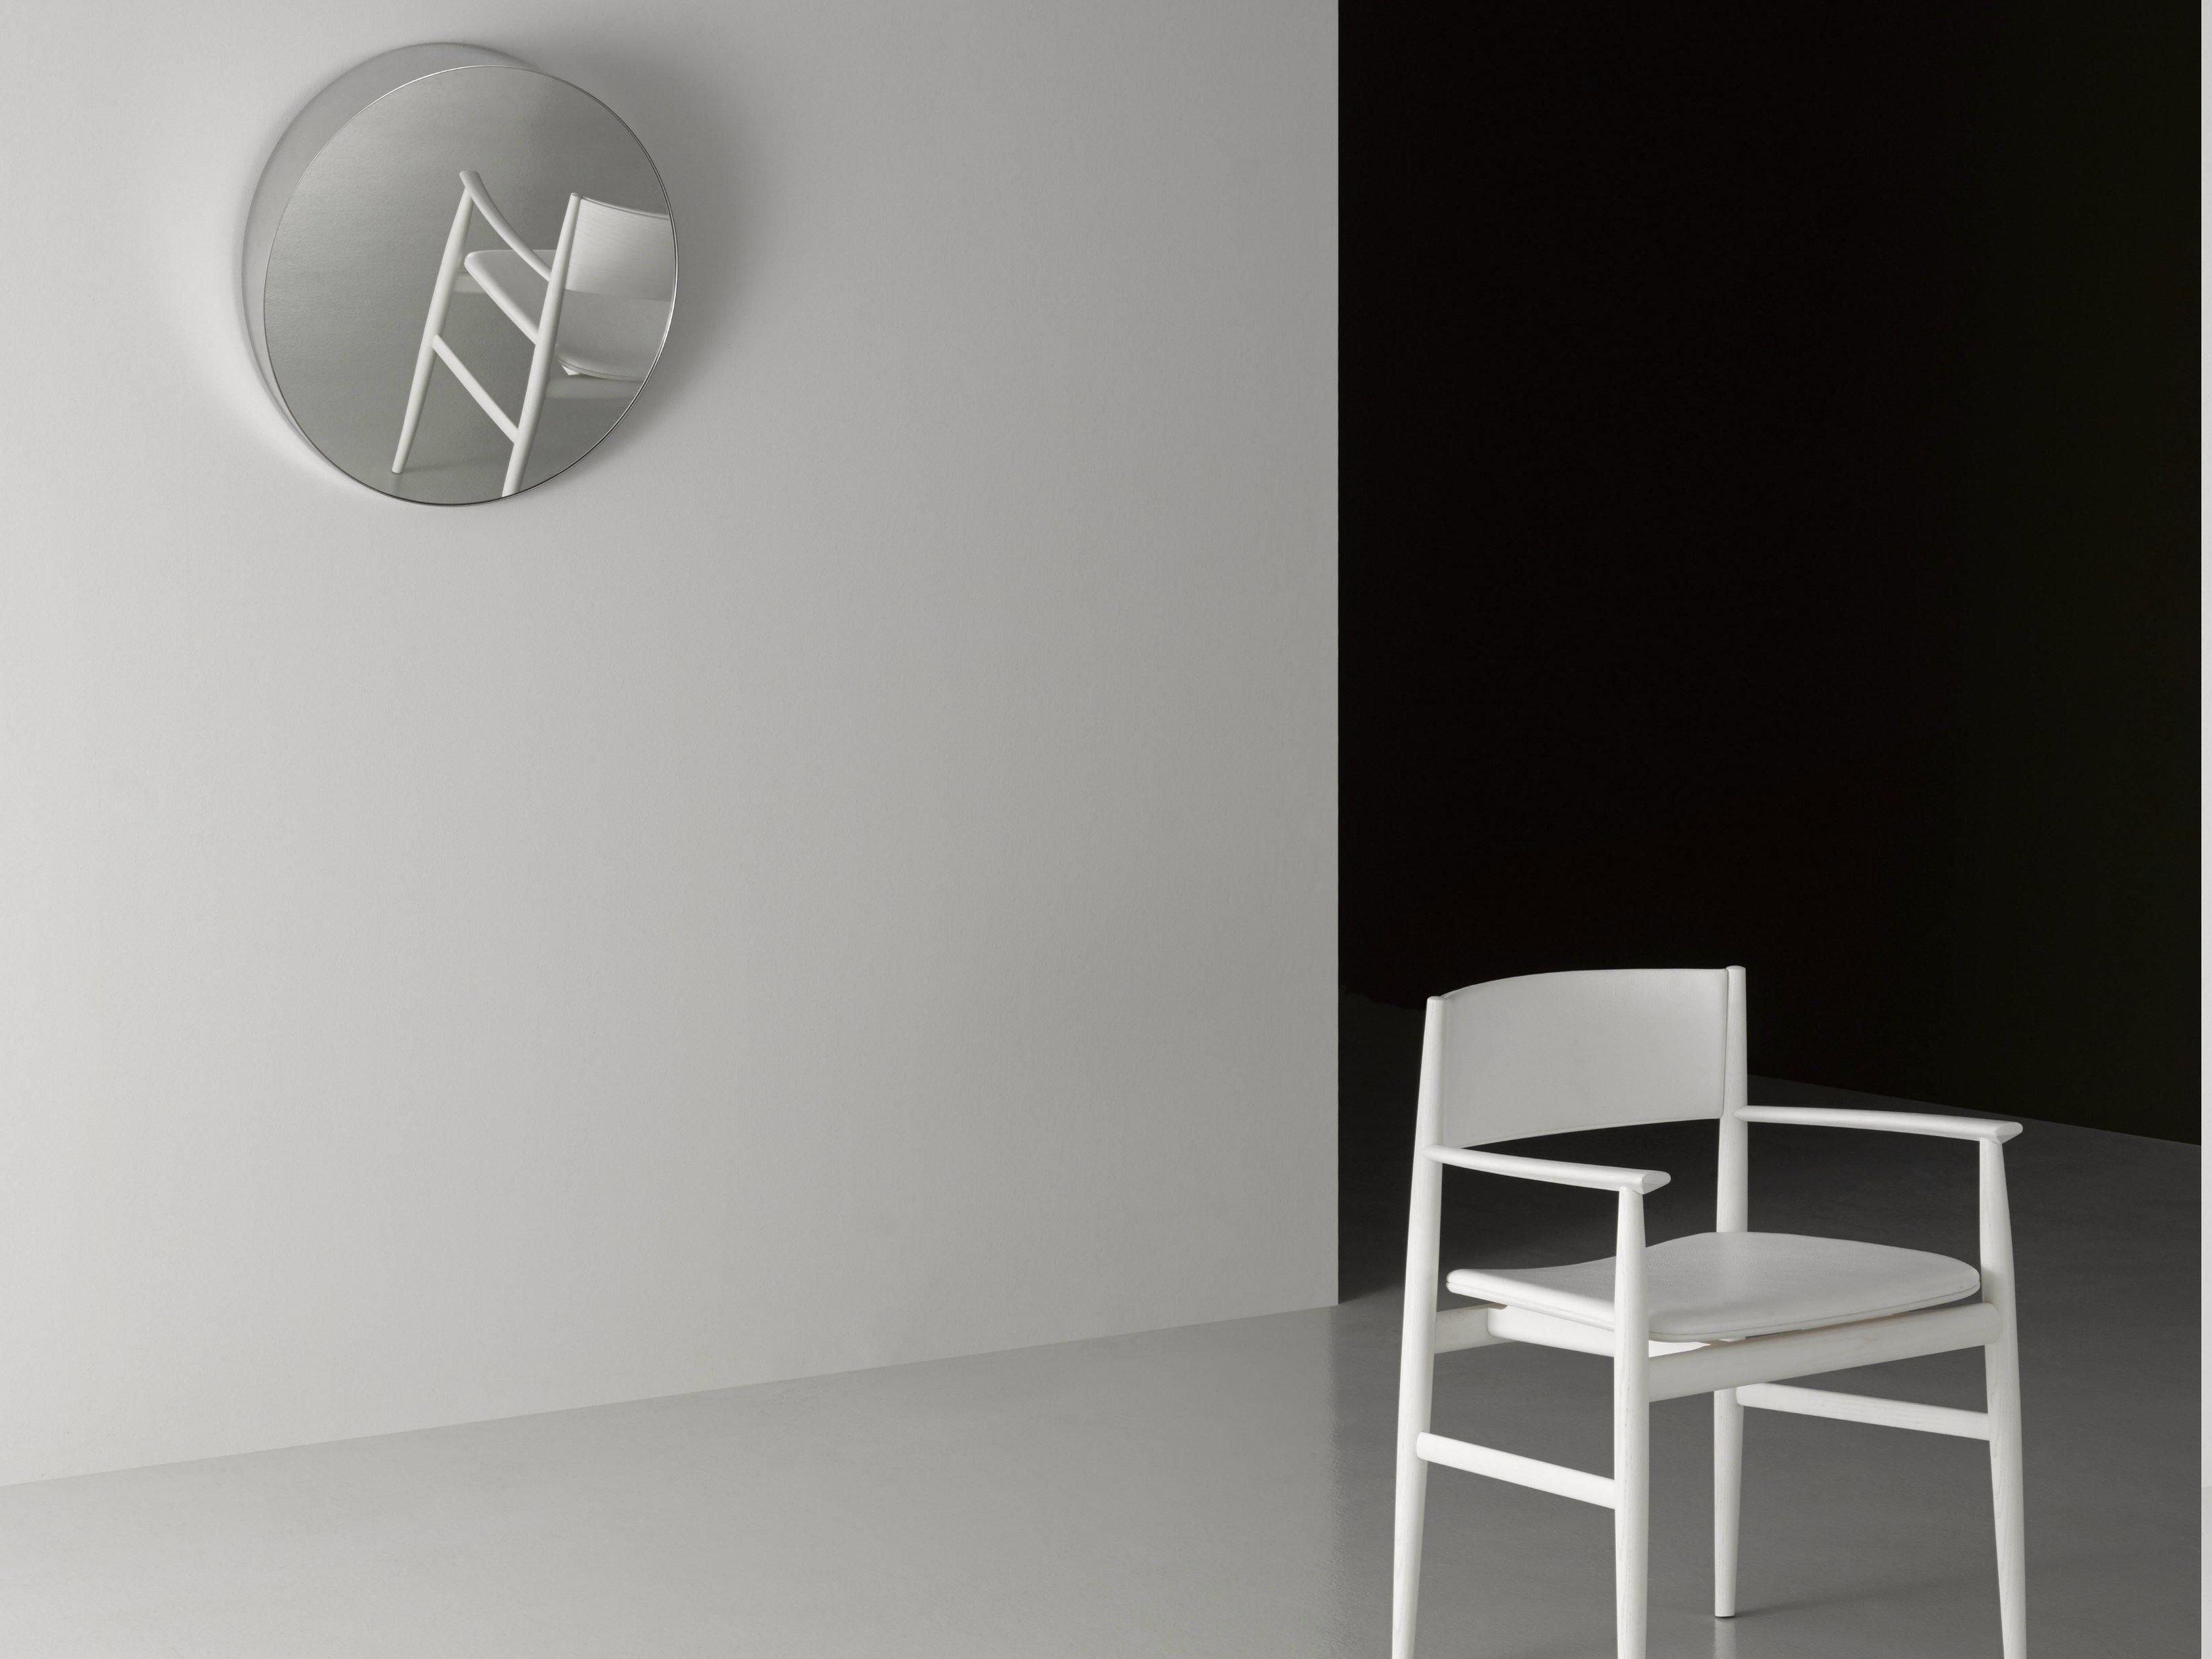 Specchio a parete con cornice bellevue by porro design - Specchio a parete ...